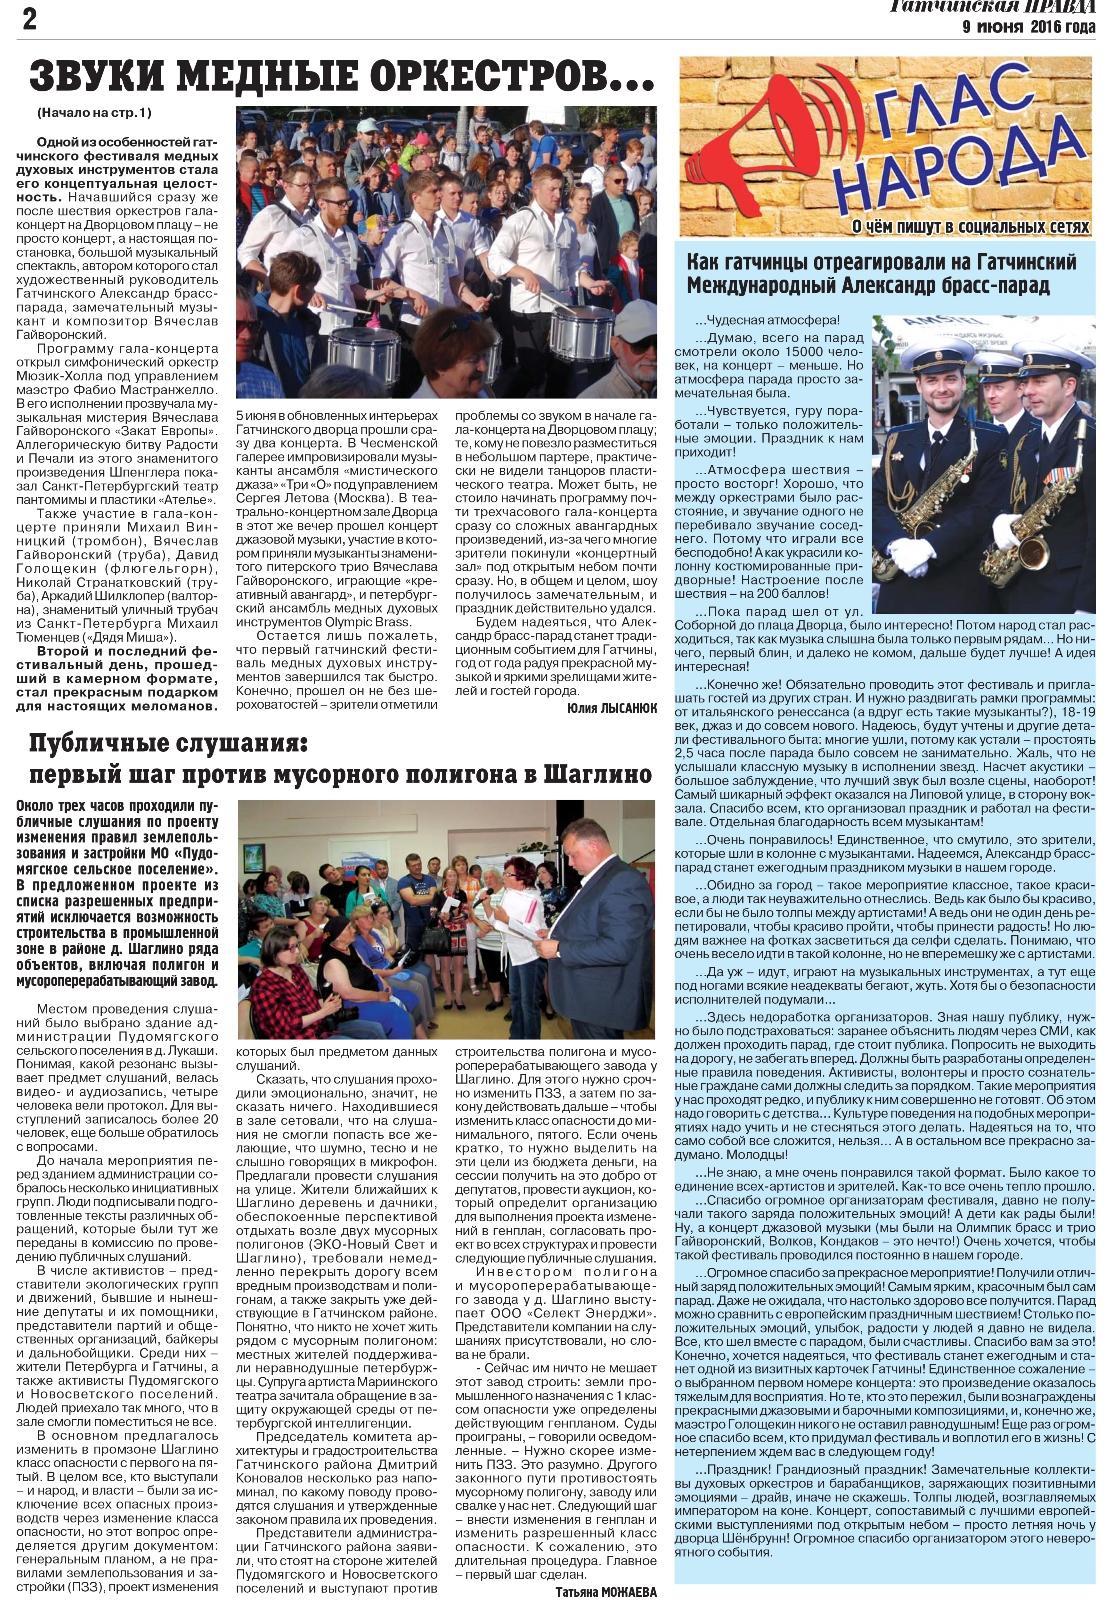 Гатчинская правда №62 от 9 июня 2016 года